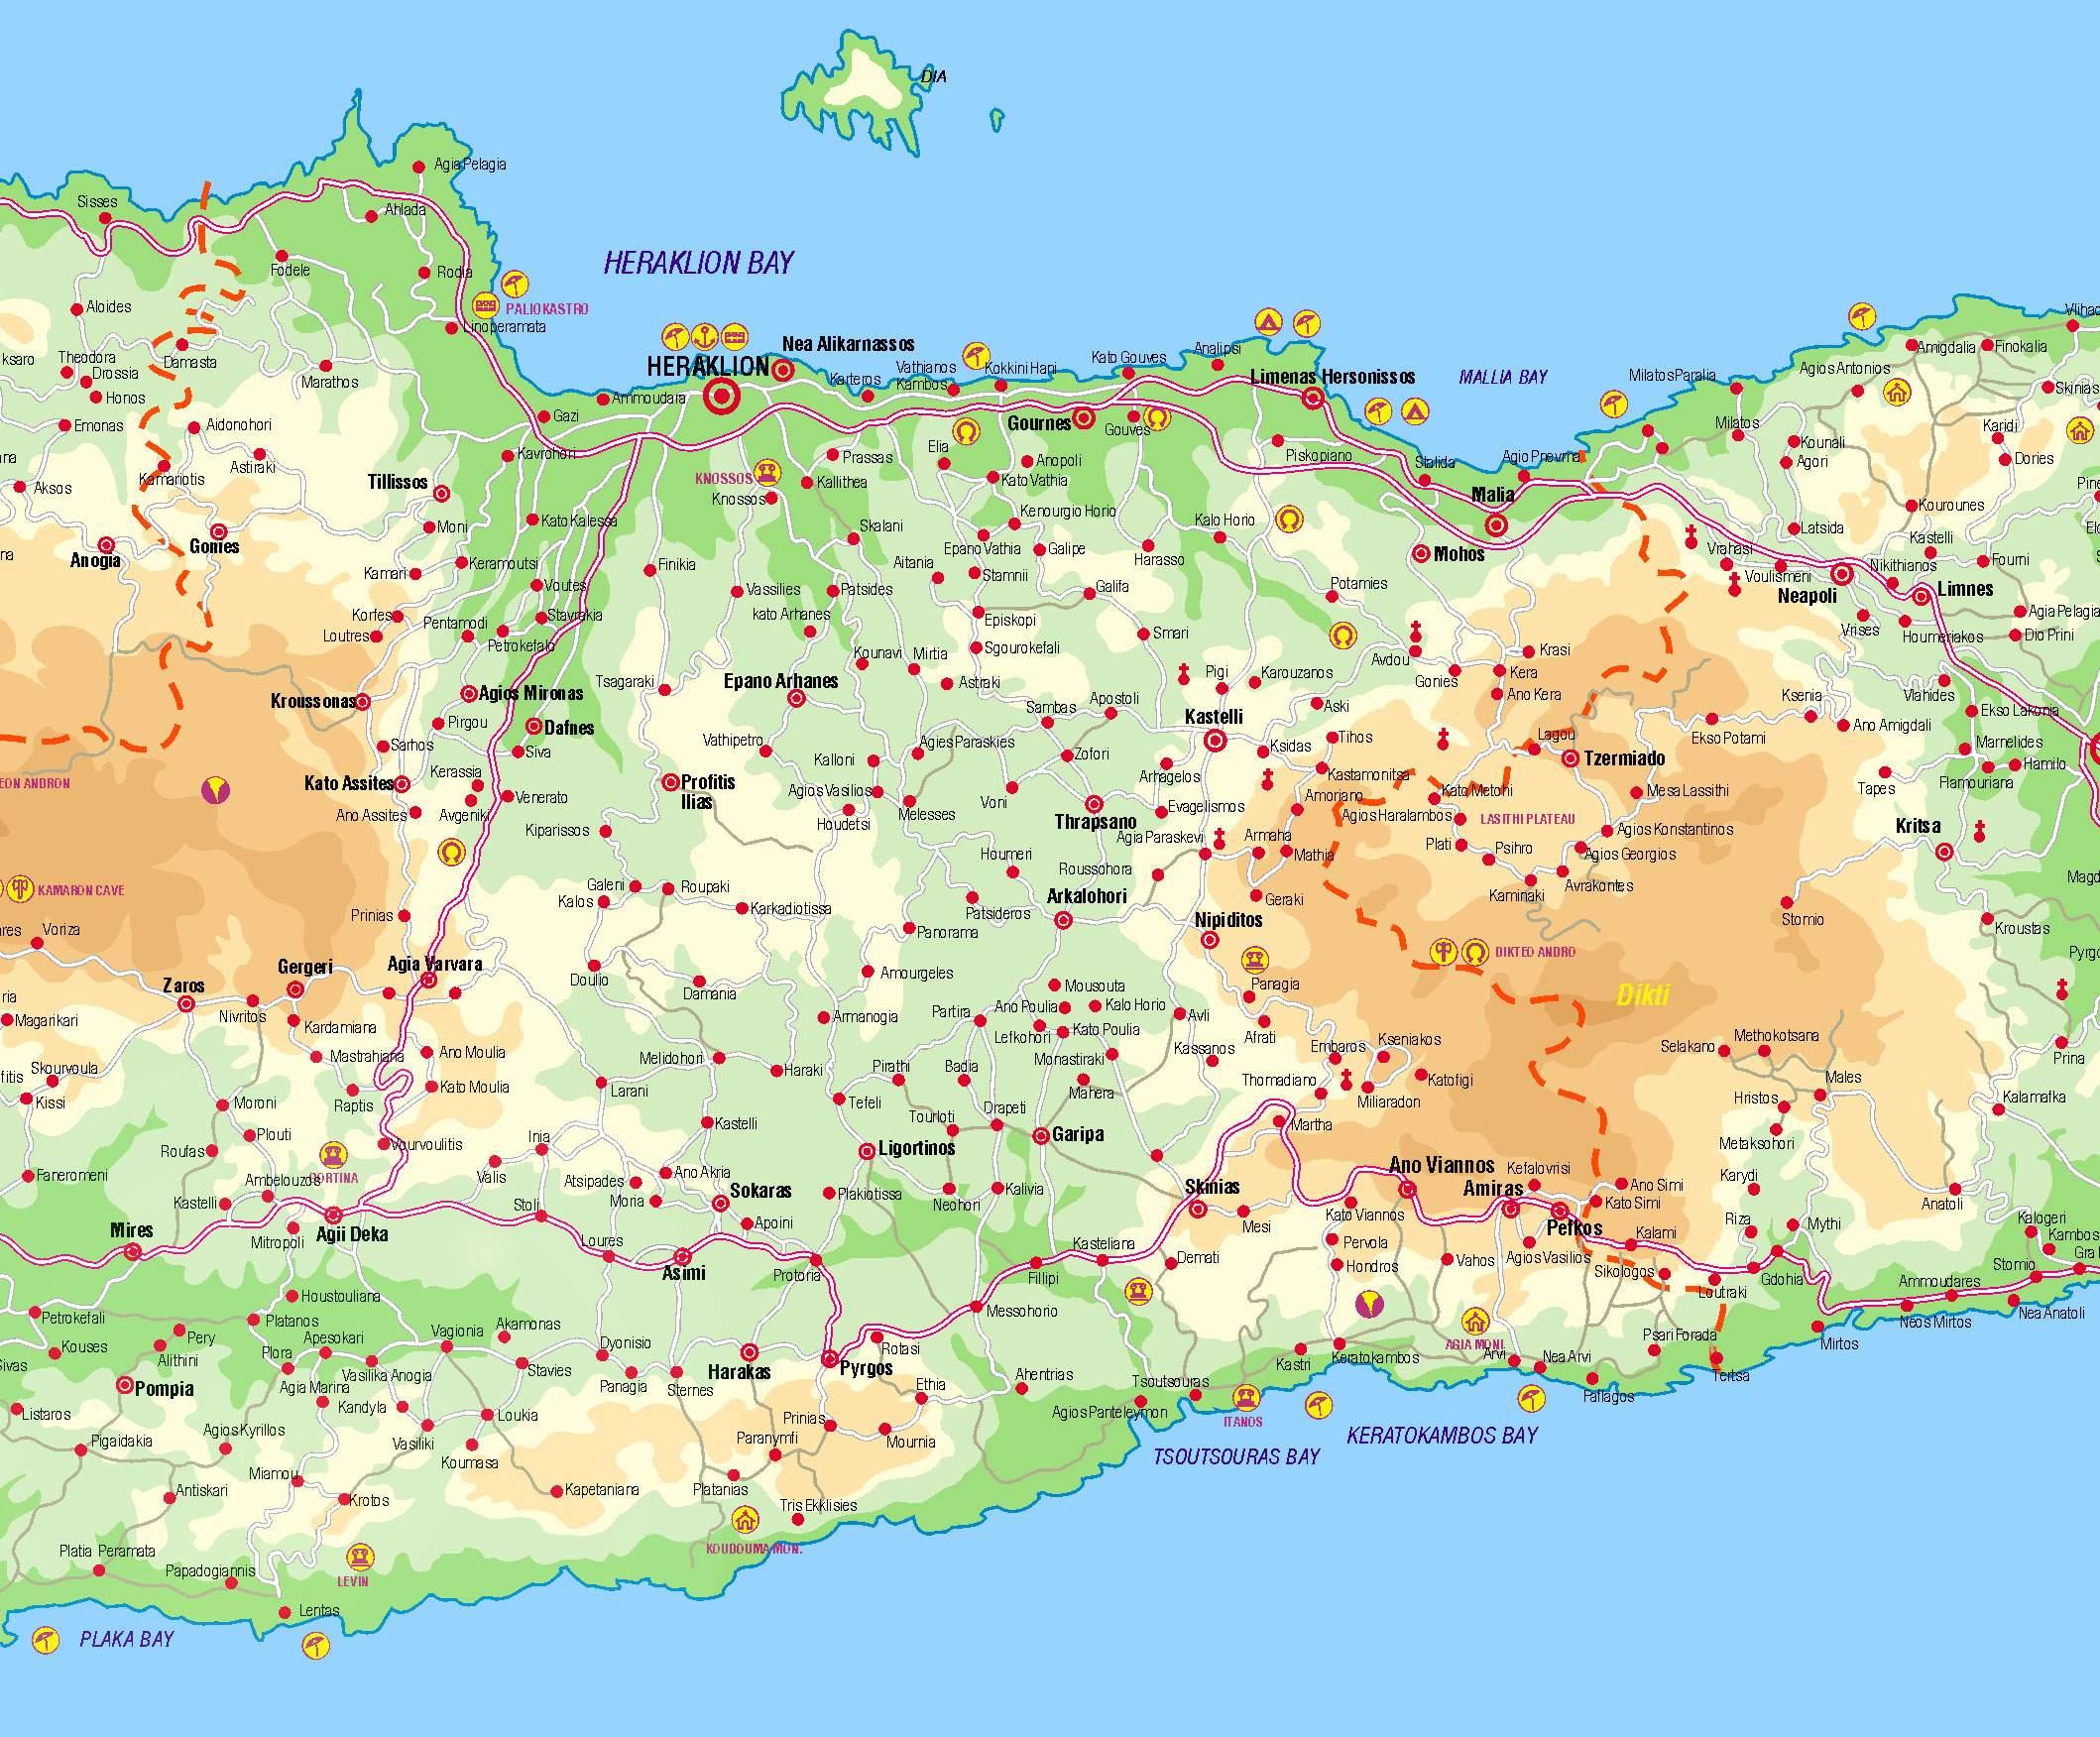 Cartes de Héraklion | Cartes typographiques détaillées de